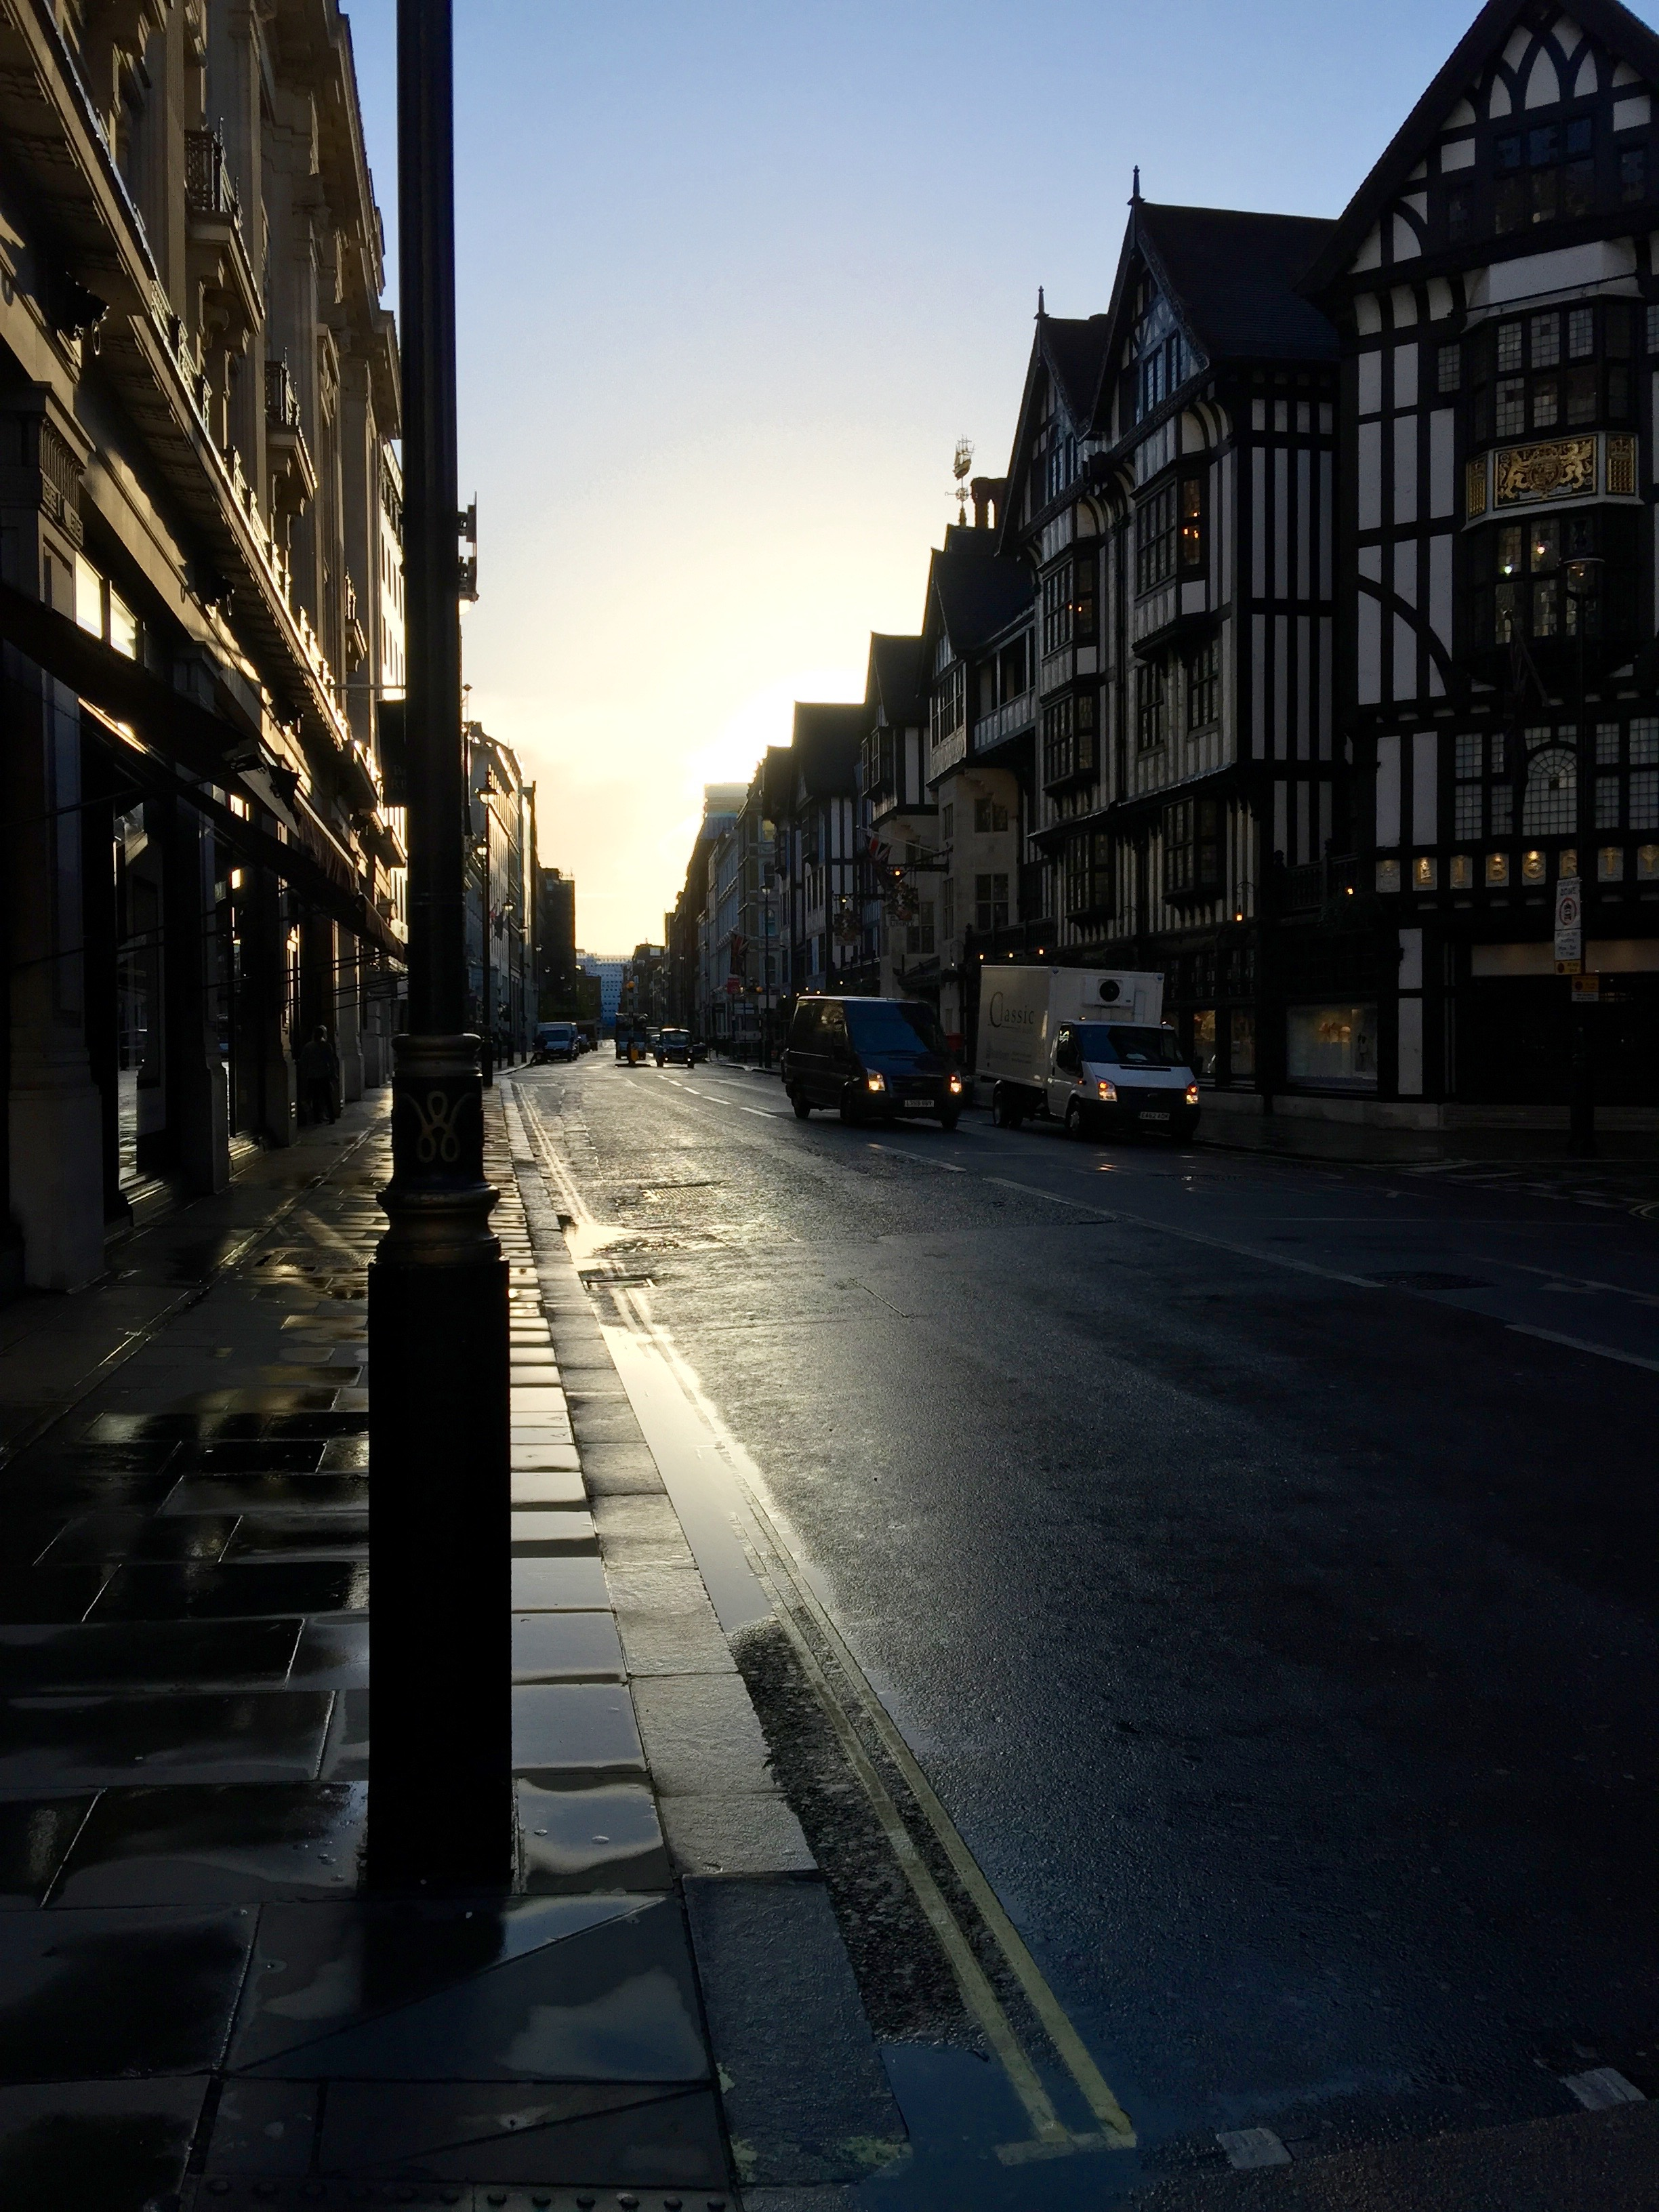 Sunrise in London